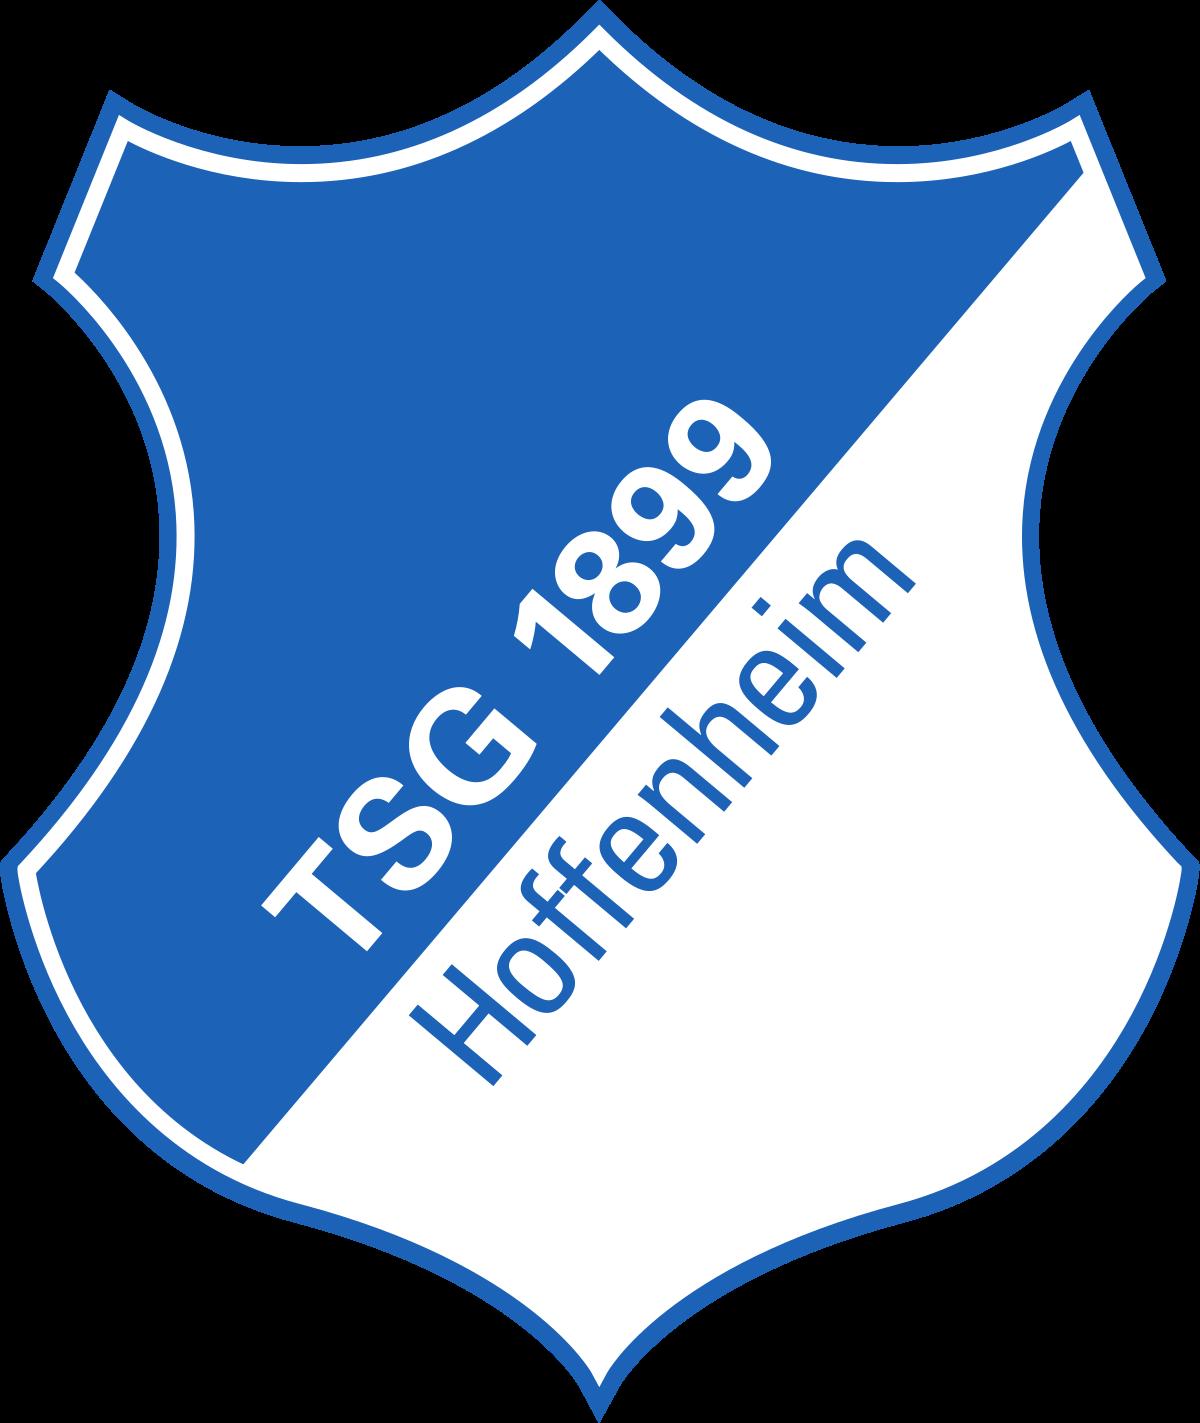 hoffenheim population